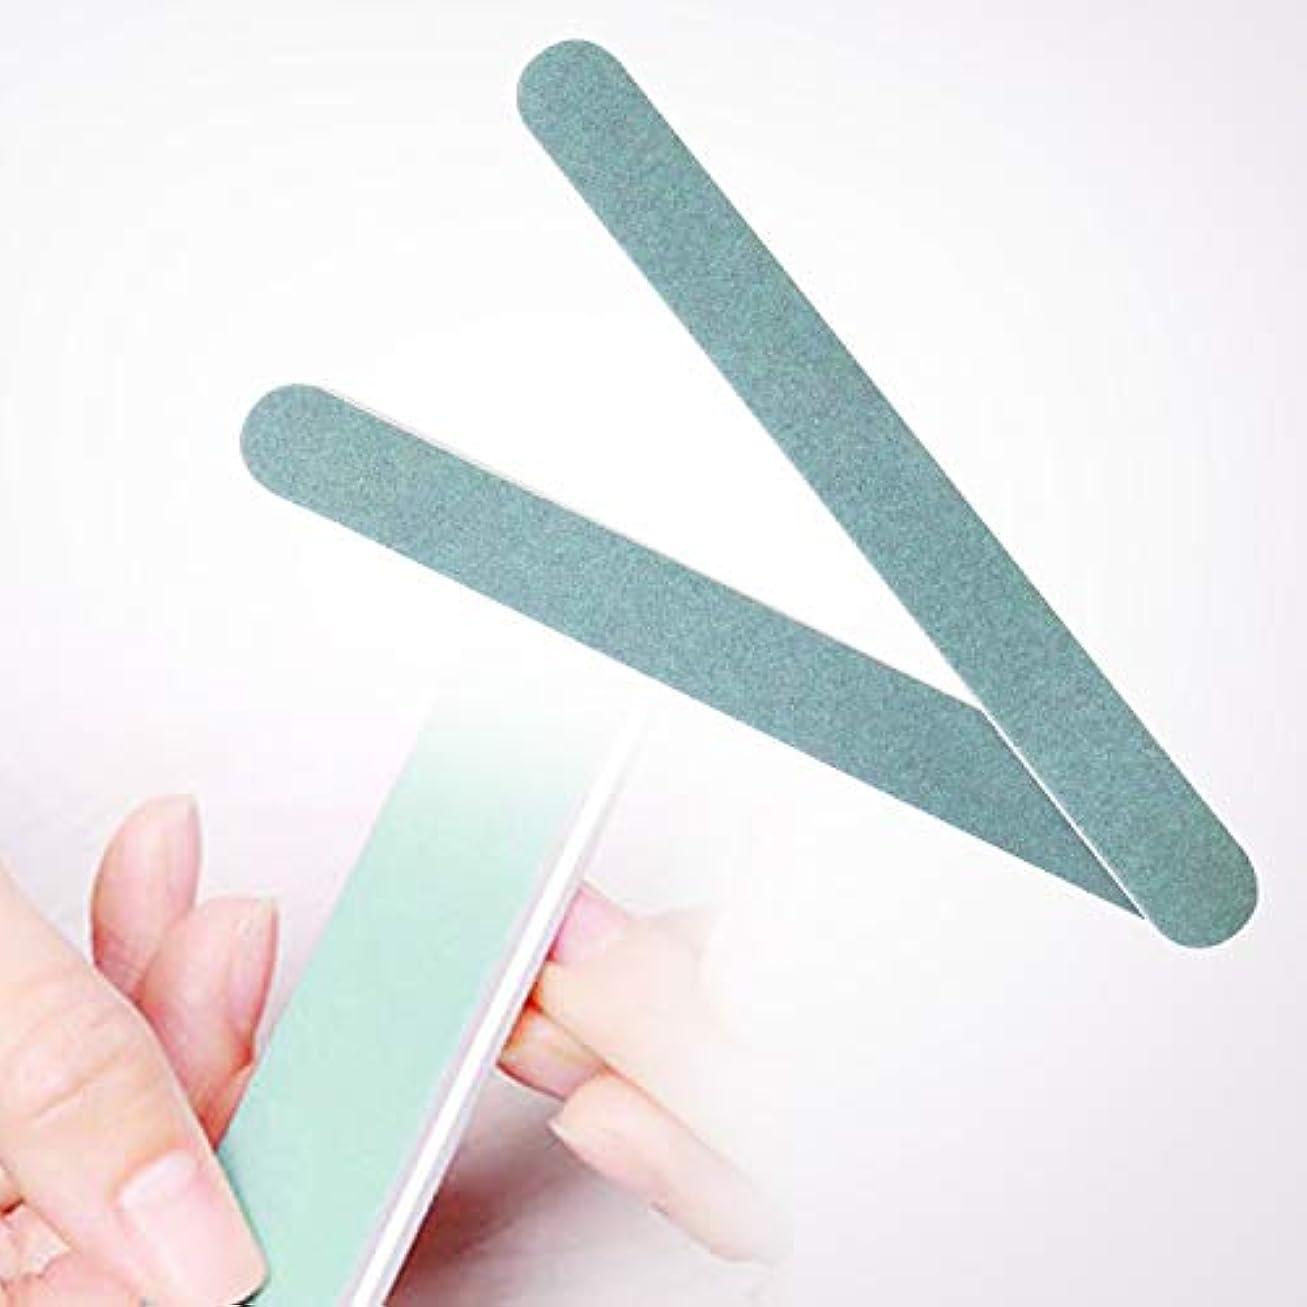 オーナー覆す登録するurlifeエリコネイル エメリーボード パーフェクトシャイン ネイルをつやつやにするスポンジネイルファイル 両面使えるマニキュアDIYのソフトファイル 爪磨き 爪に優しい爪やすり 2本入